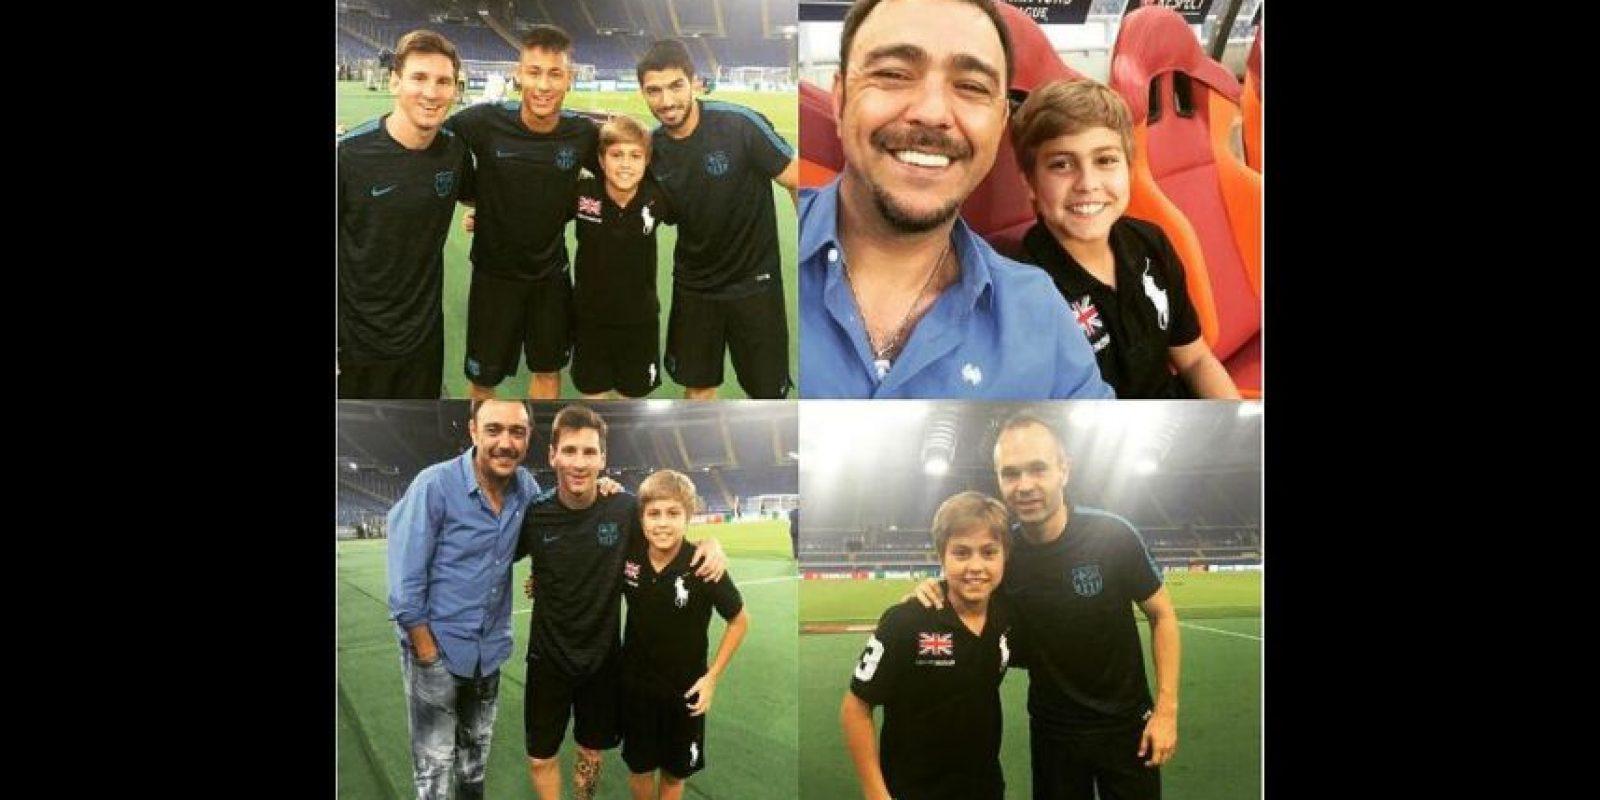 El niño, admirador de Luis Suárez, Messi y Neymar, cumplió su sueño al conocerlos. Foto:Vía twitter.com/Chino_Recoba20